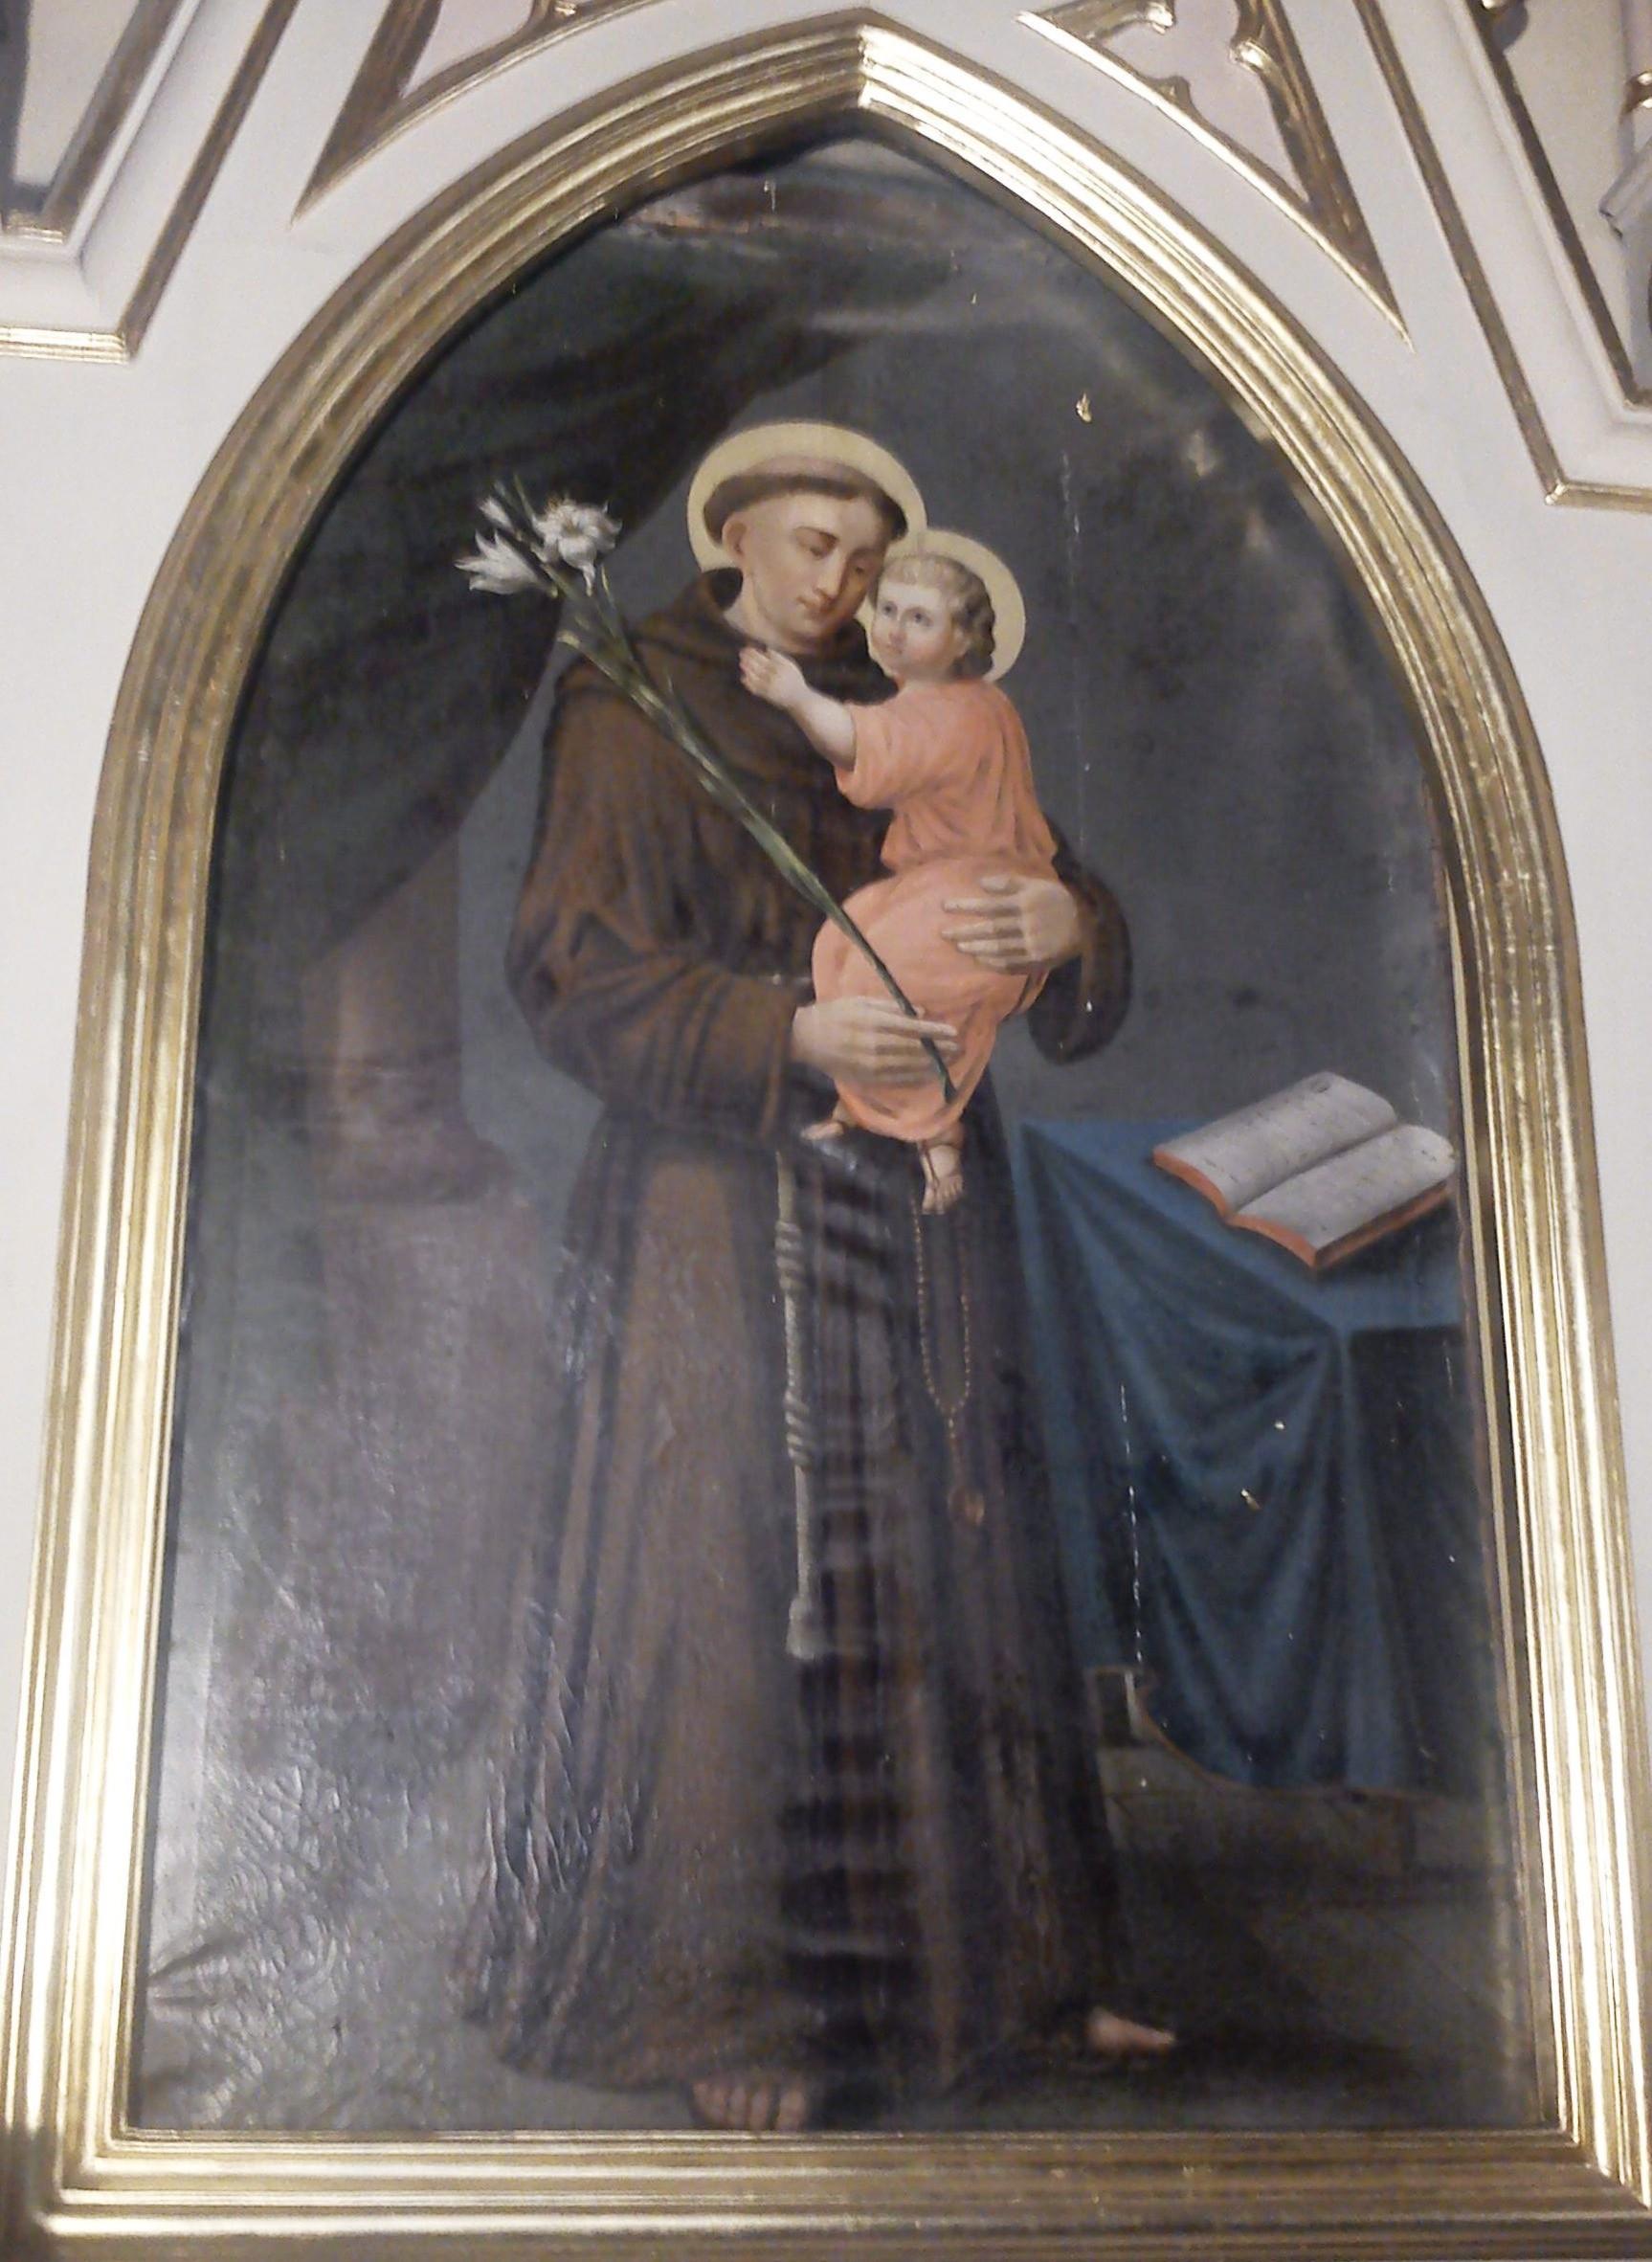 św. Antoni2 - ołtarz po lewej stronie kościoła